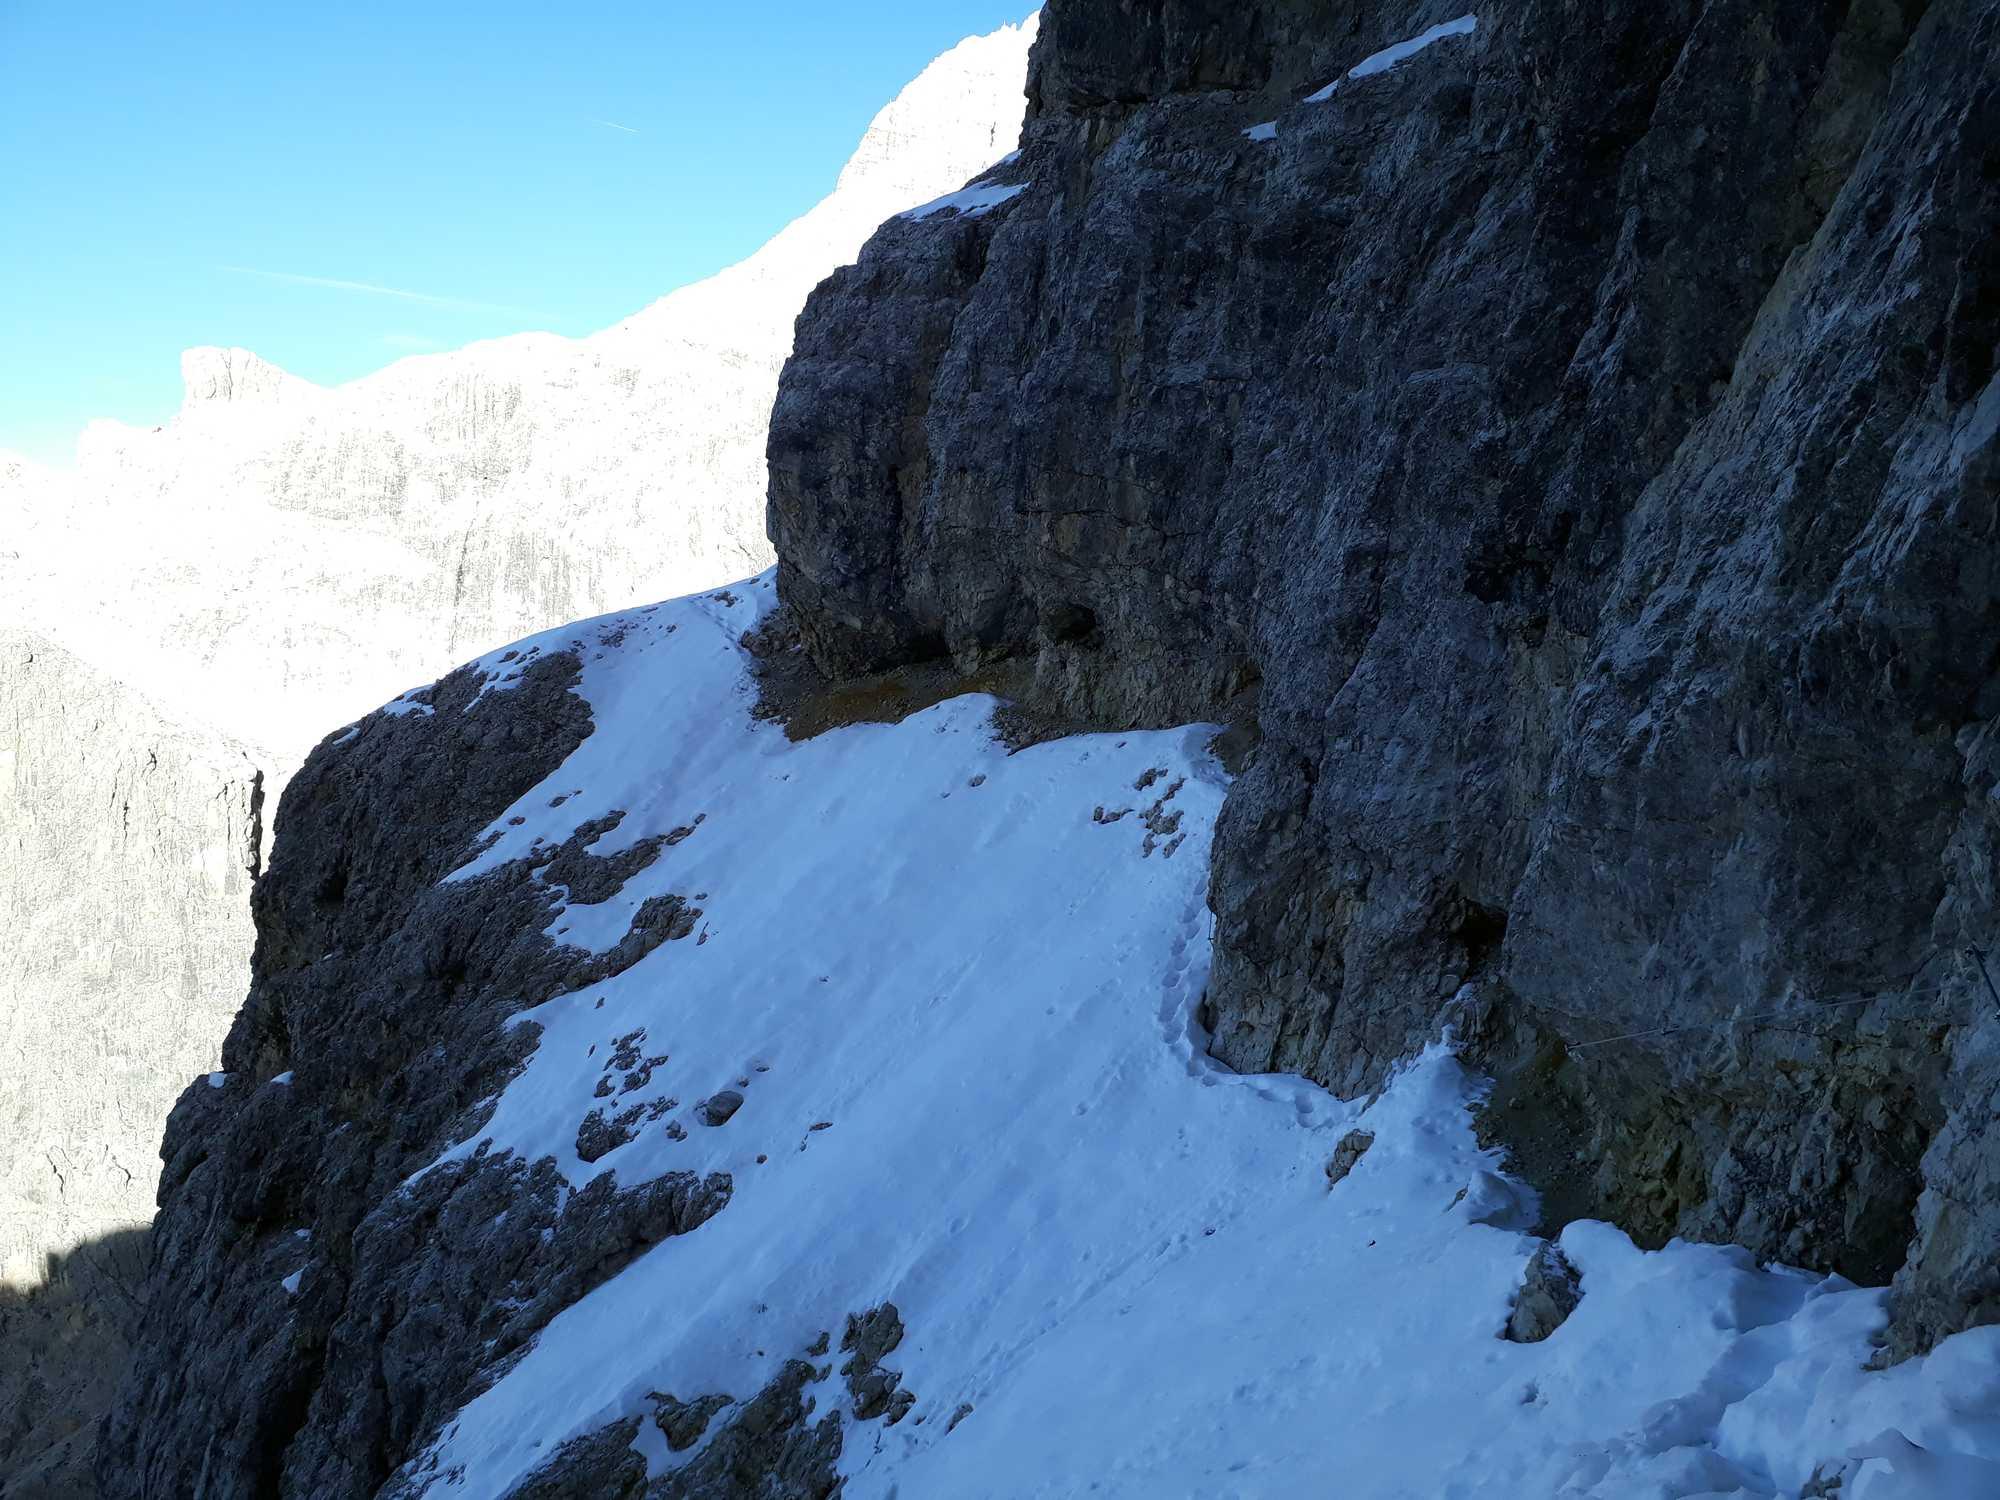 Severná pasáž Strady degli Alpini. Kým bolo lano na pridržanie, tak pohoda.